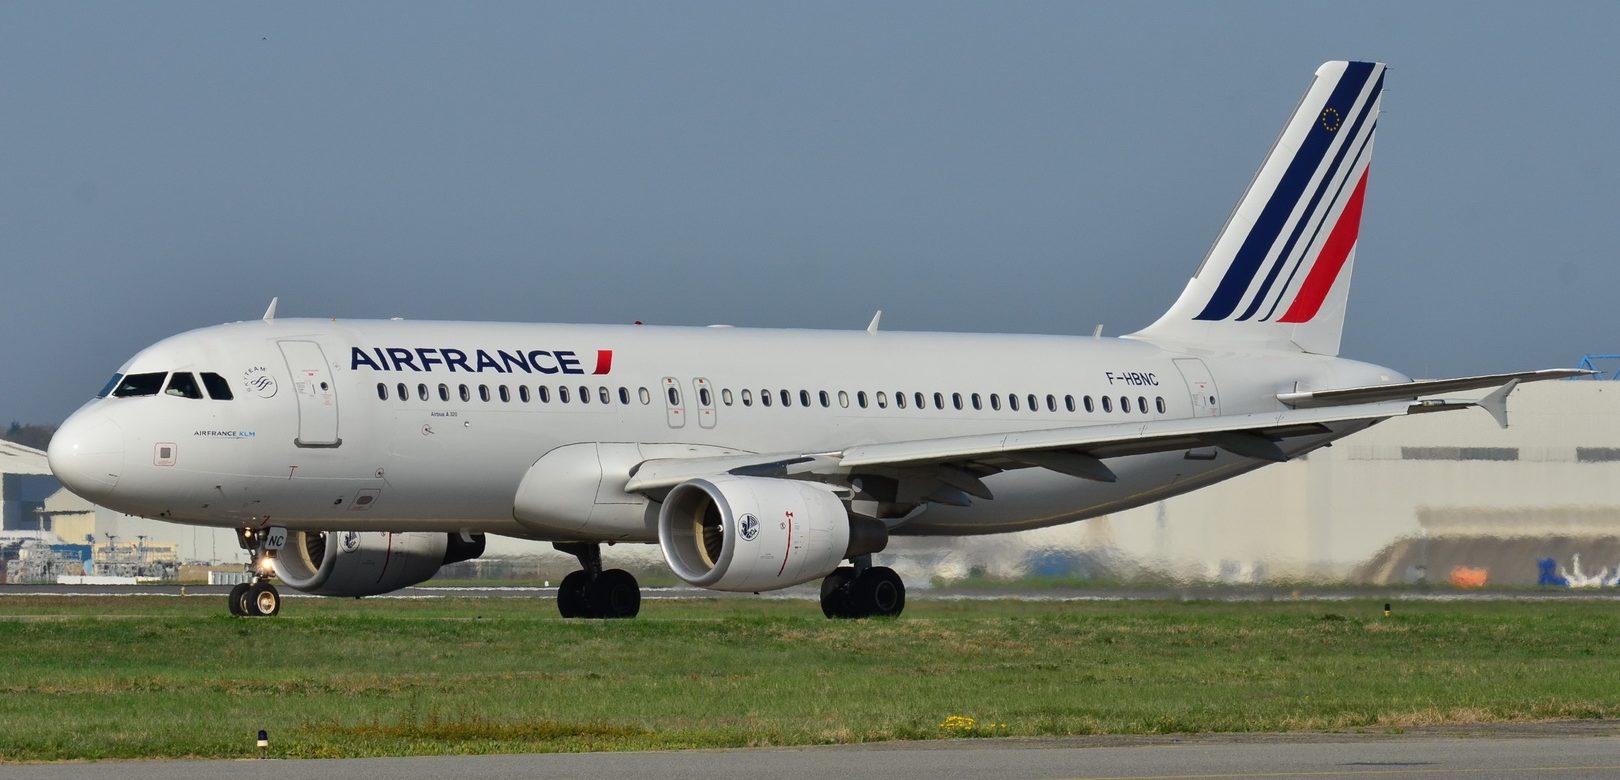 Air France ouvre de nouvelles lignes entre le Maroc et la France